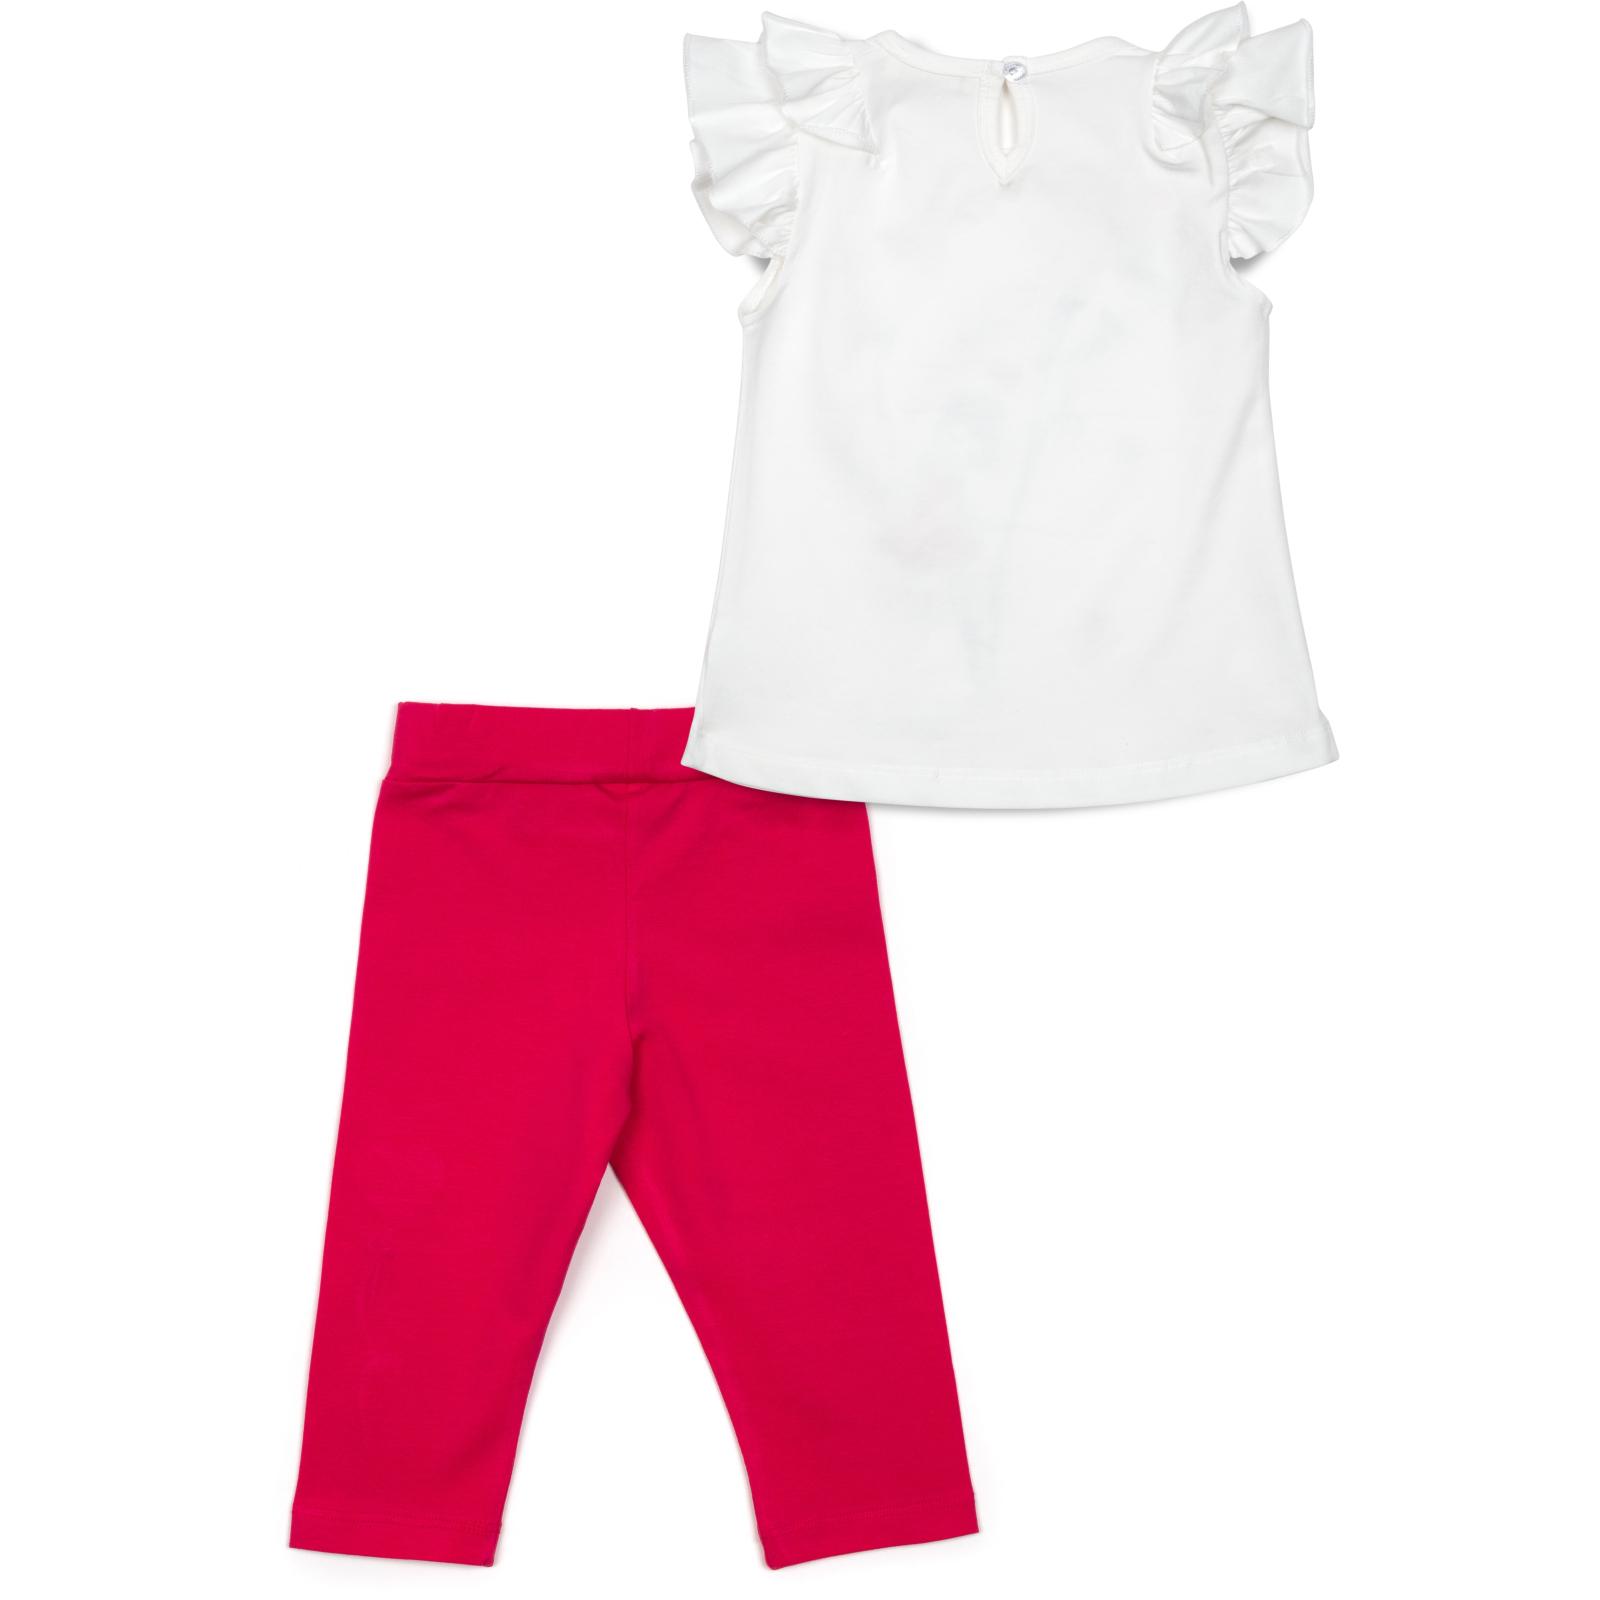 Набор детской одежды Breeze с балеринкой (13730-92G-cream) изображение 4